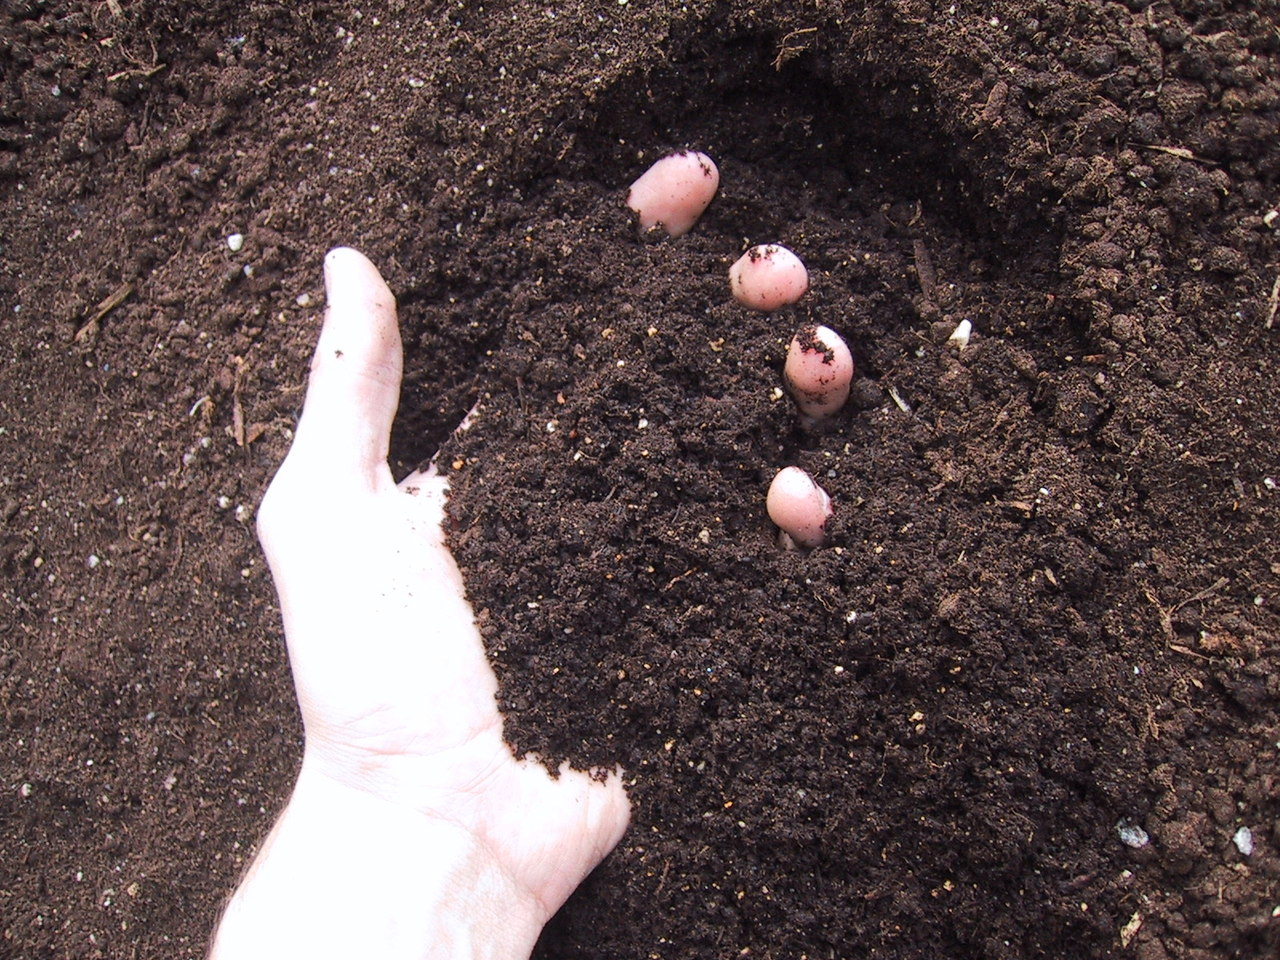 fresh-soil-1468423-1280x960.jpg